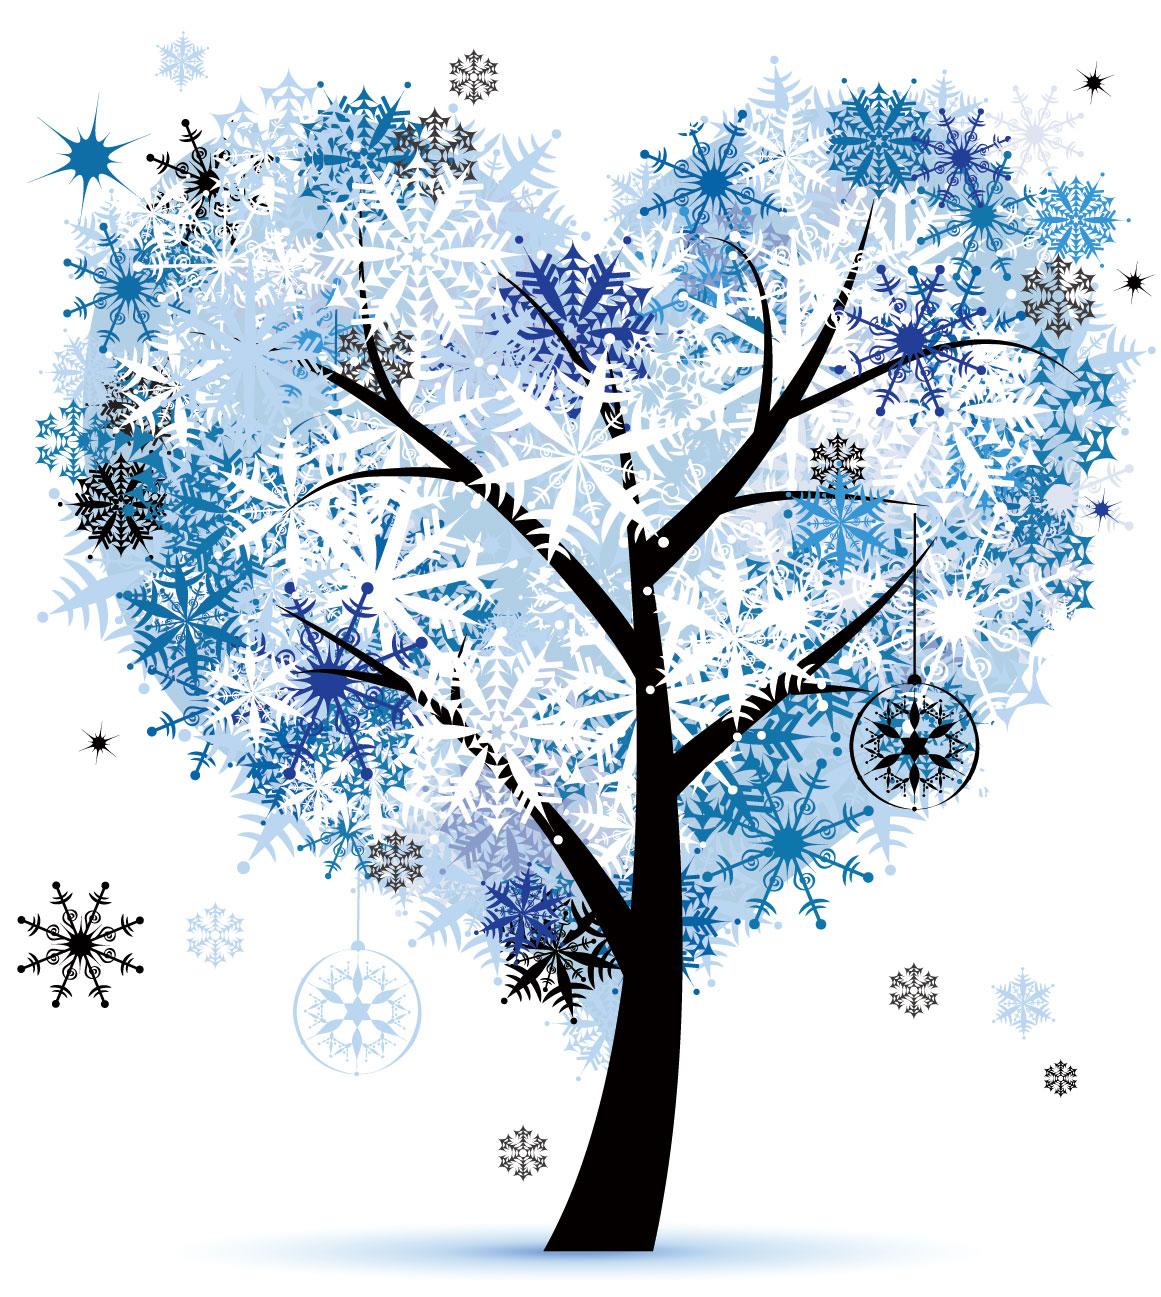 冬 イラスト おしゃれ | 7331 イラス